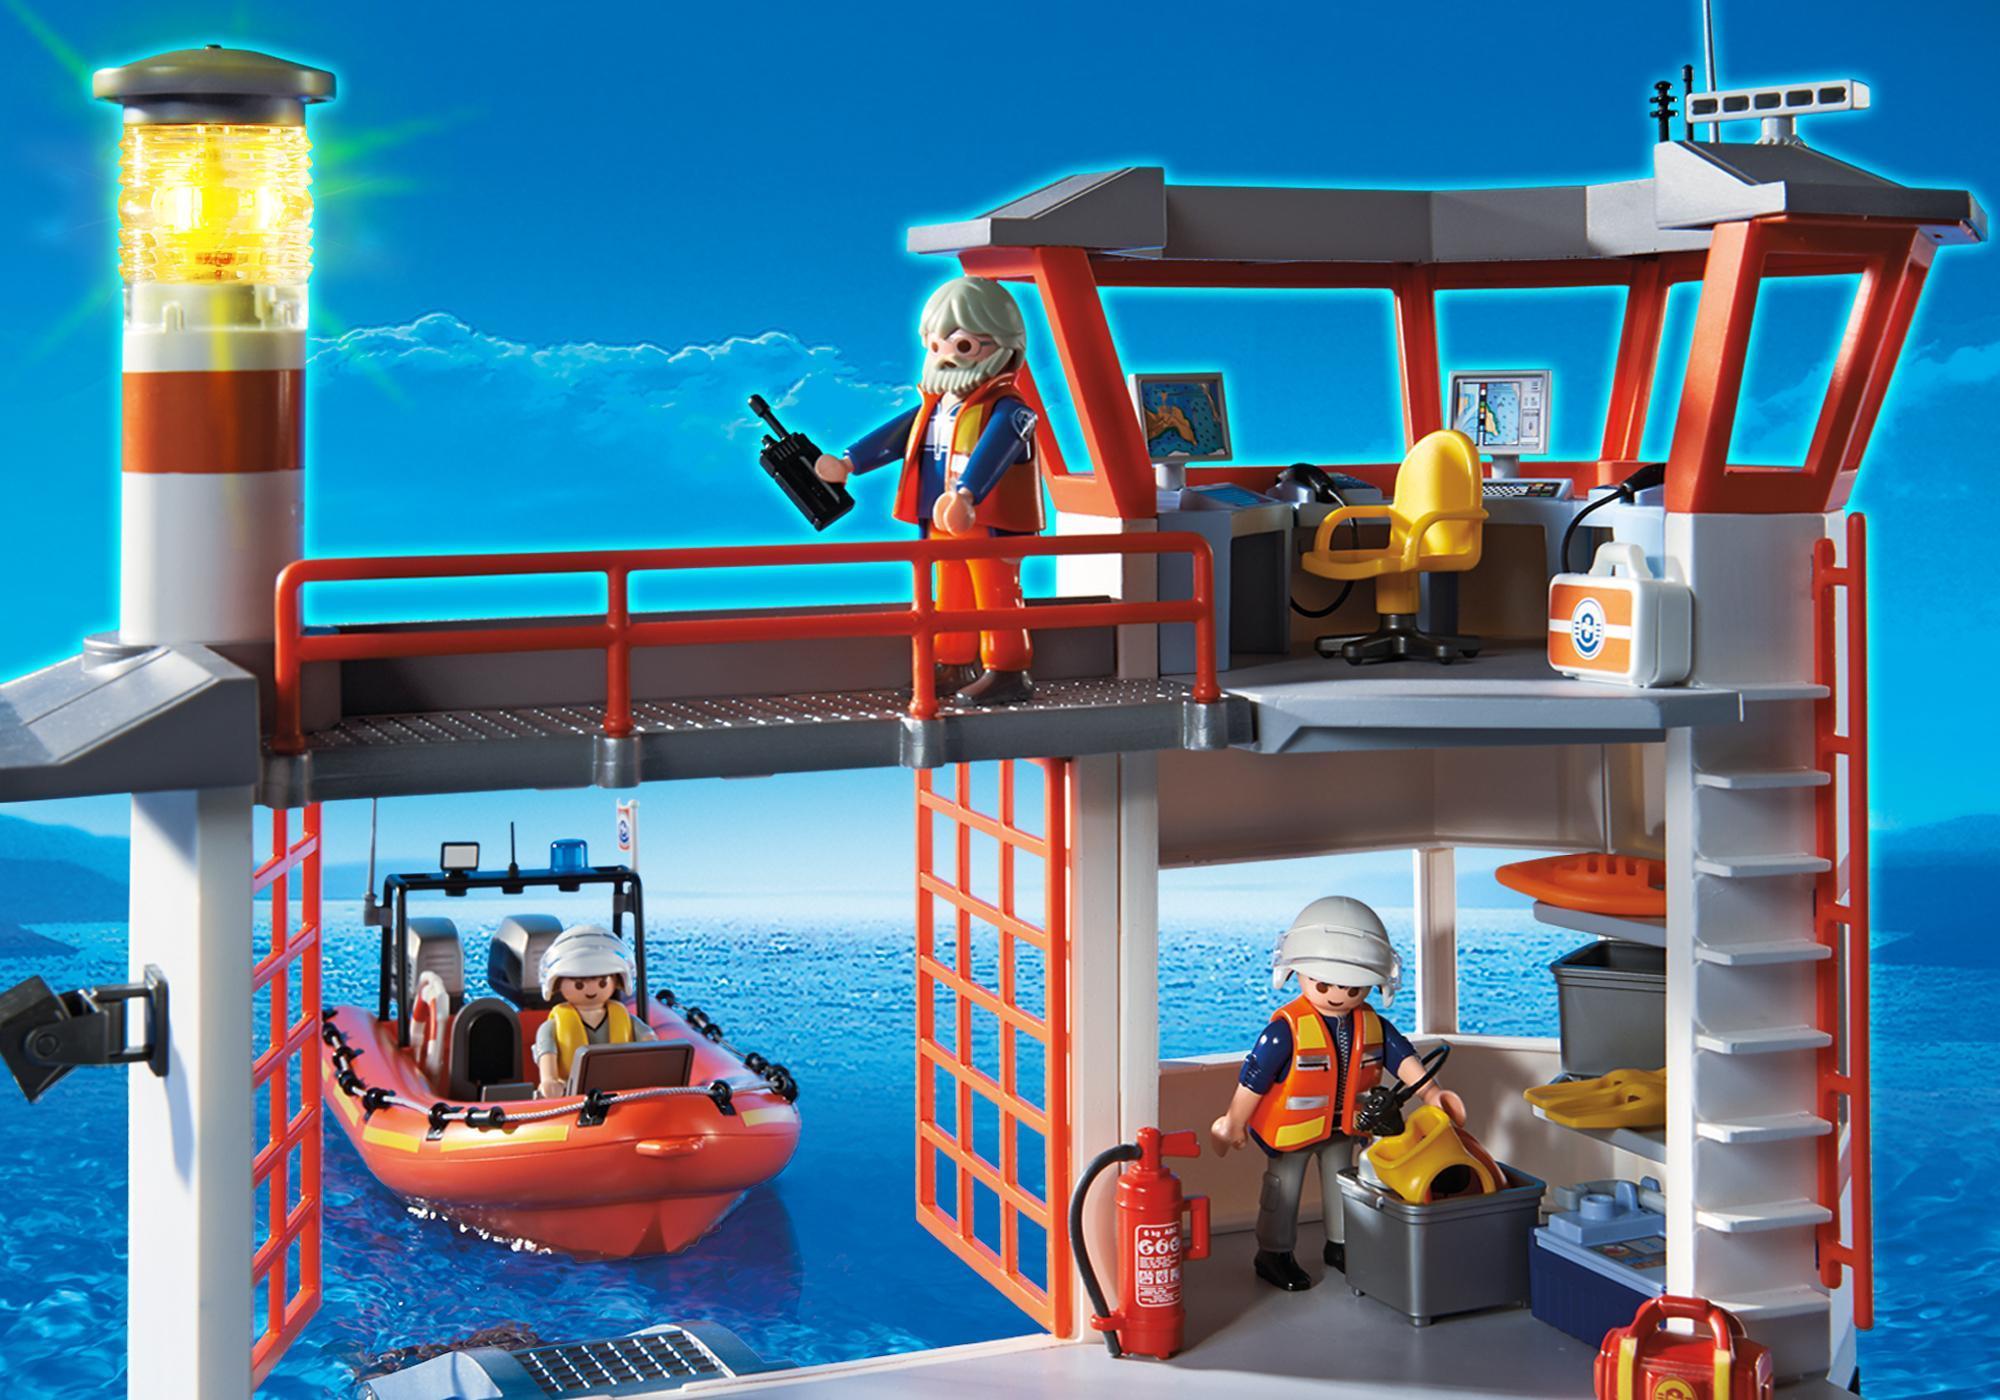 http://media.playmobil.com/i/playmobil/5539_product_extra3/Posto da Guarda costeira com Farol